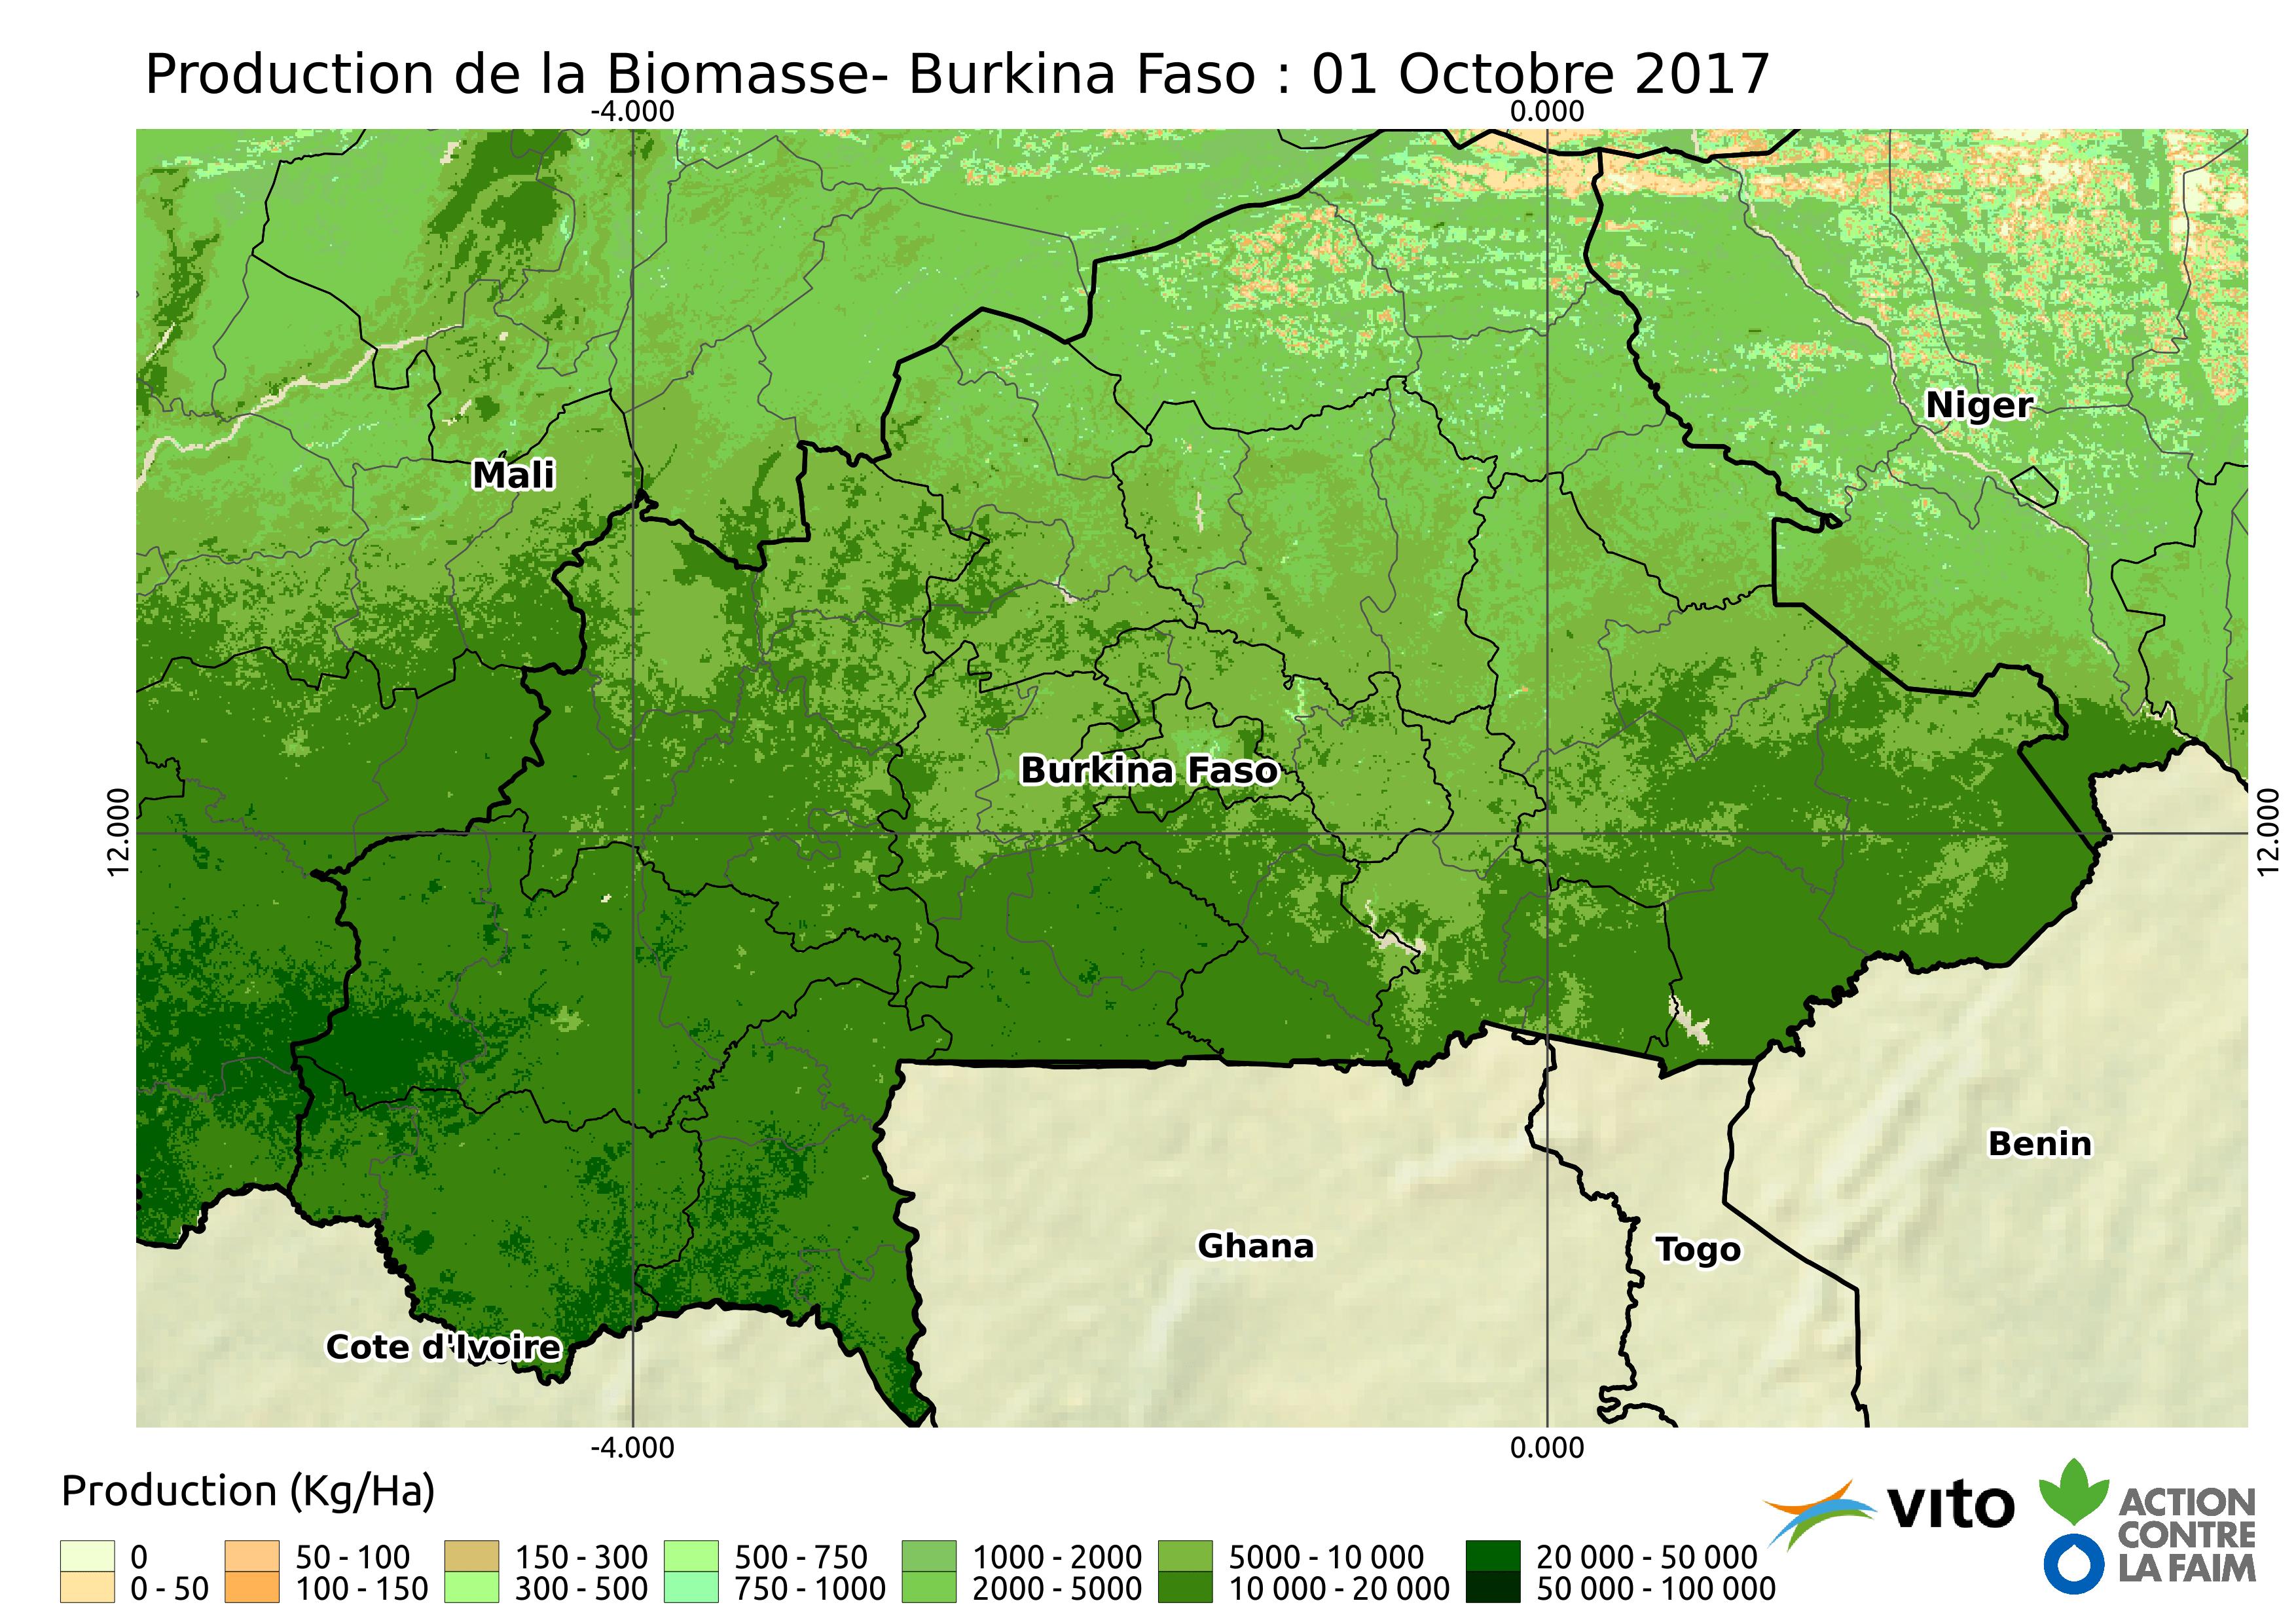 Production Burkina Faso 2017